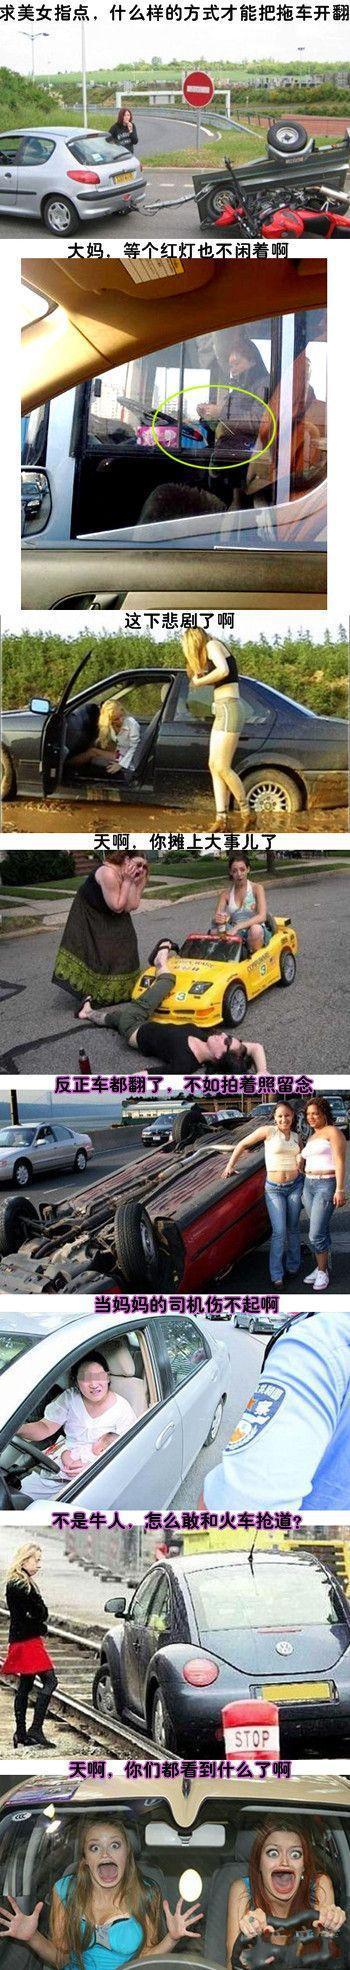 惹不起,女司机都是无敌的存在!